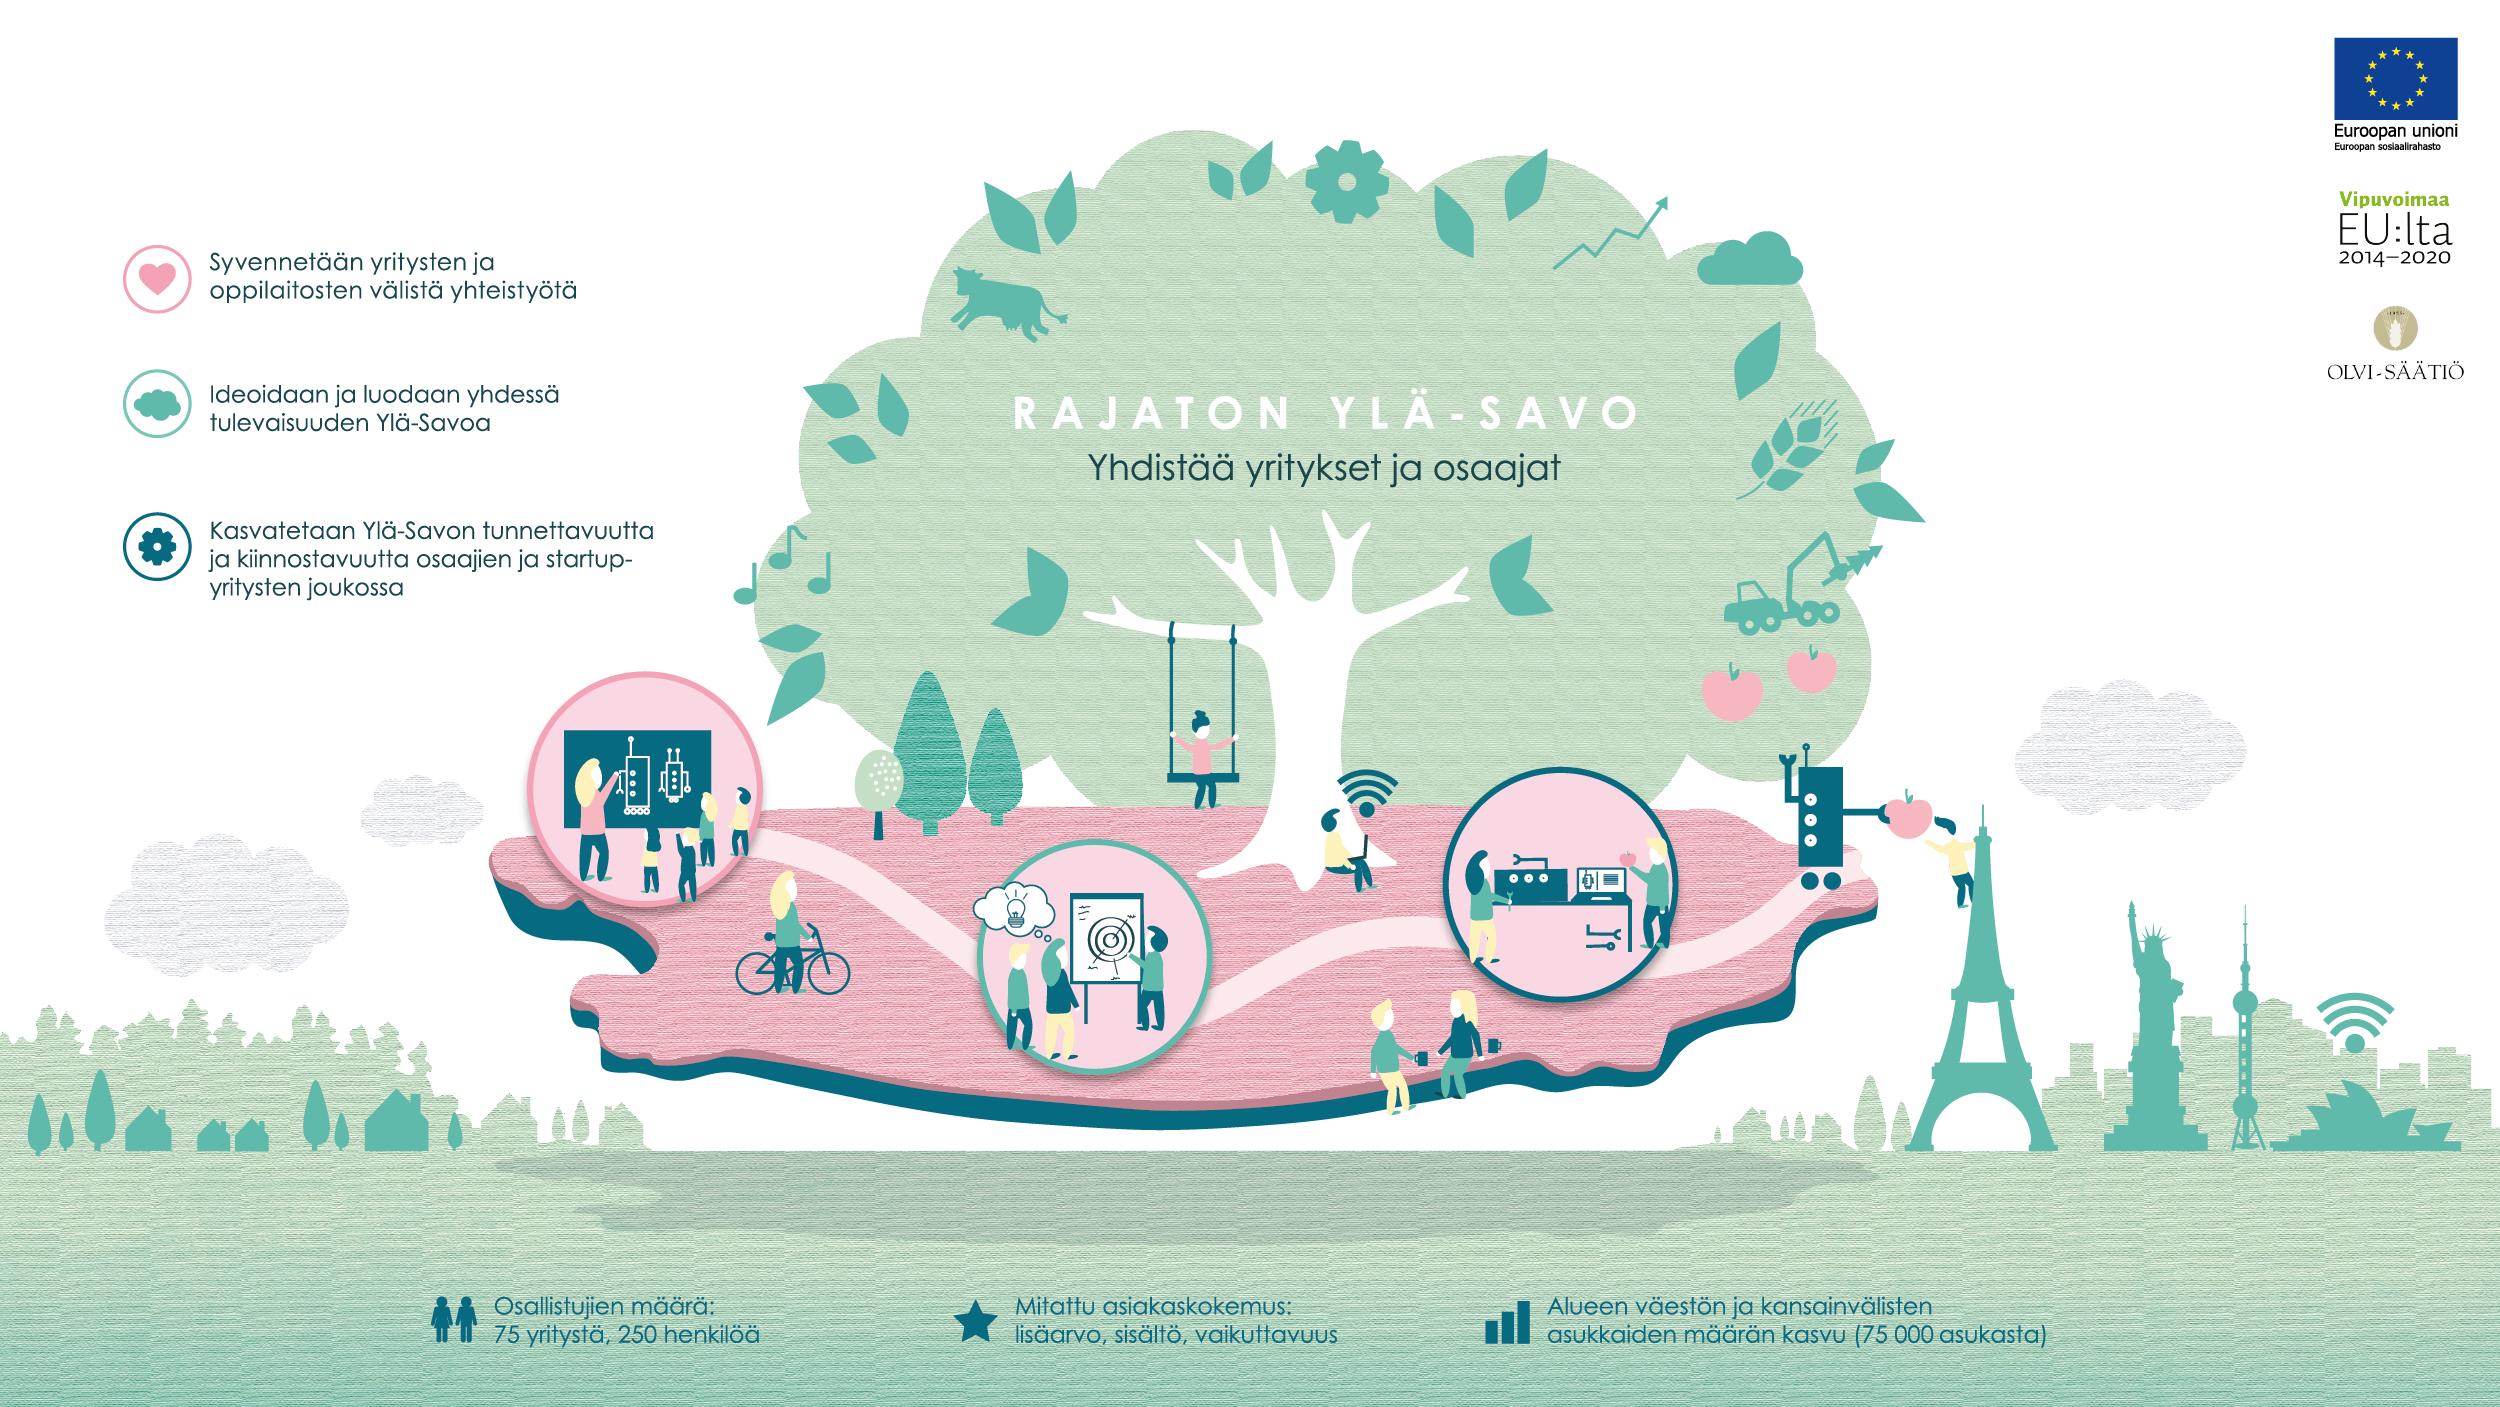 Kuvituskuva Rajaton-Yläsavo -hankkeesta